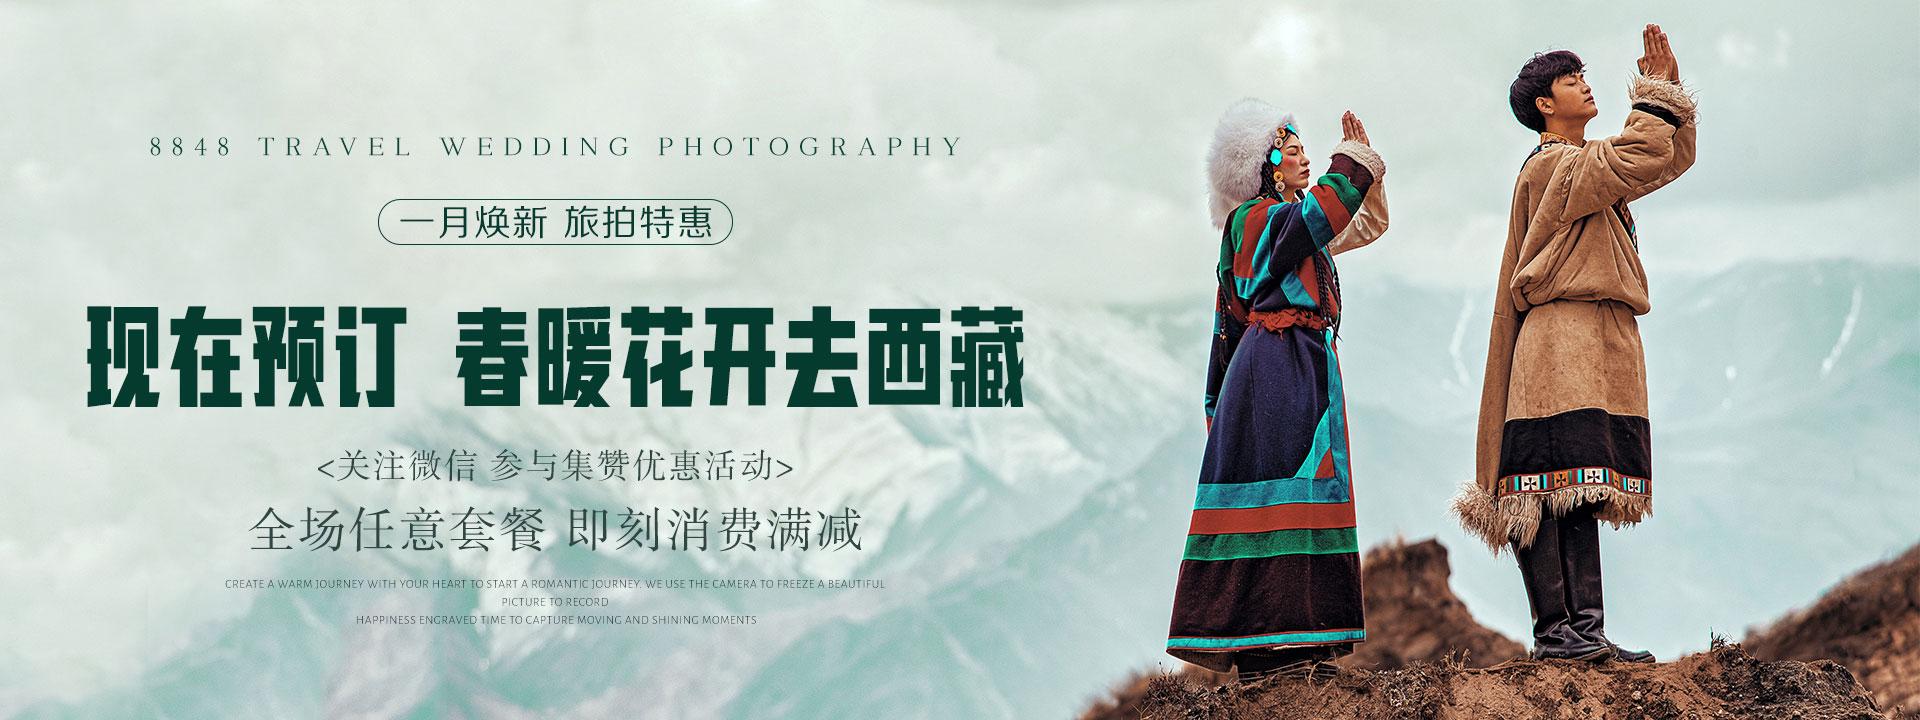 一月焕新 春暖花开去西藏